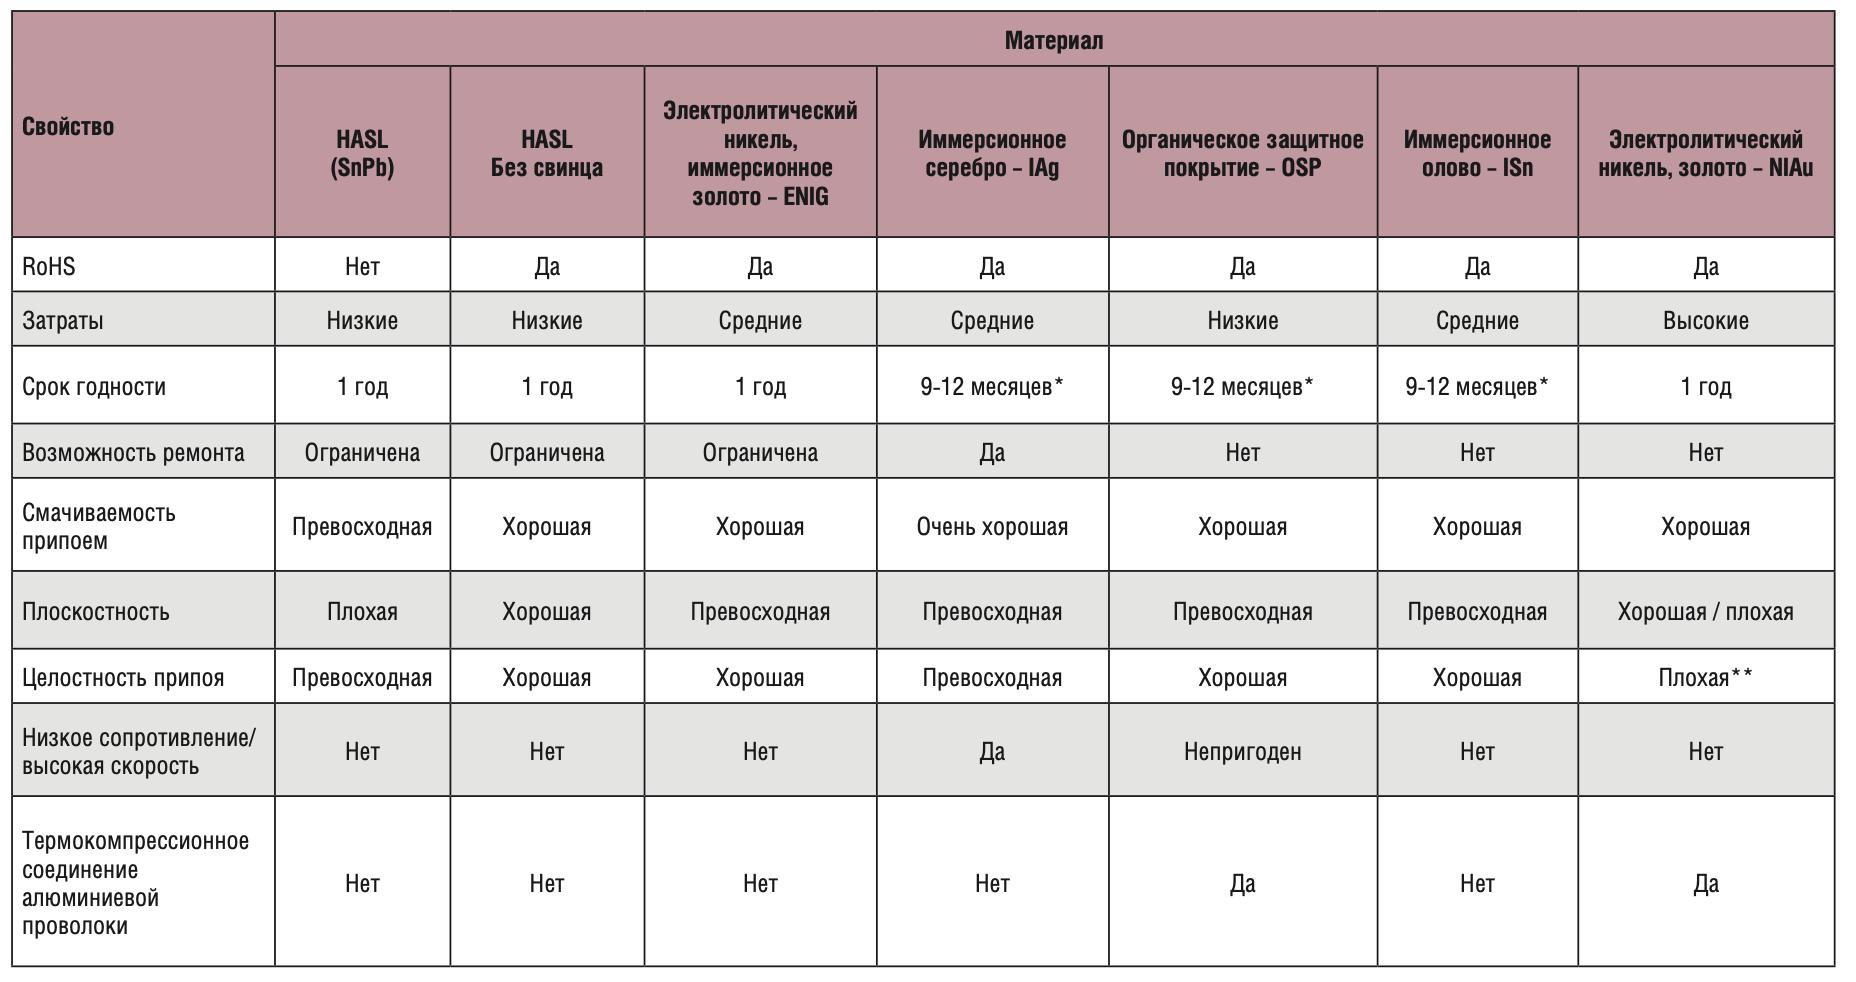 Сравнительная таблица финишных покрытий